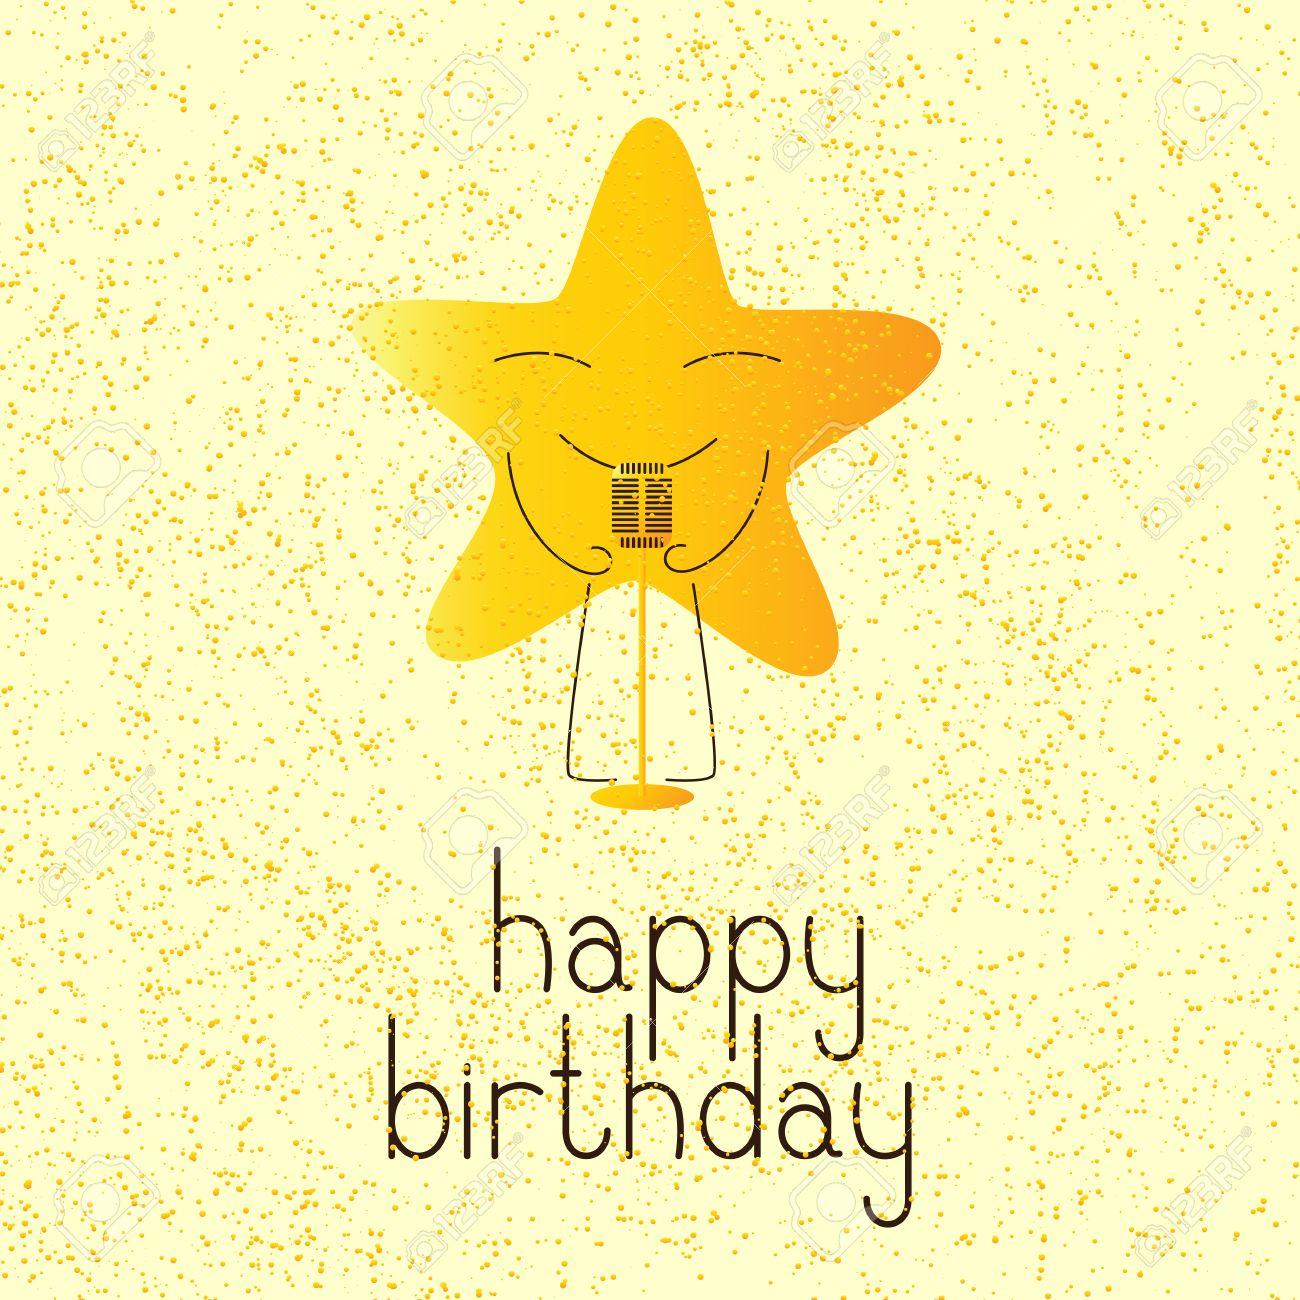 Bonne Carte De Voeux Danniversaire Avec Couleur Dorée Caractère étoile De Bande Dessinée Avec Rétro Microphone Et Lettrage Joyeux Anniversaire